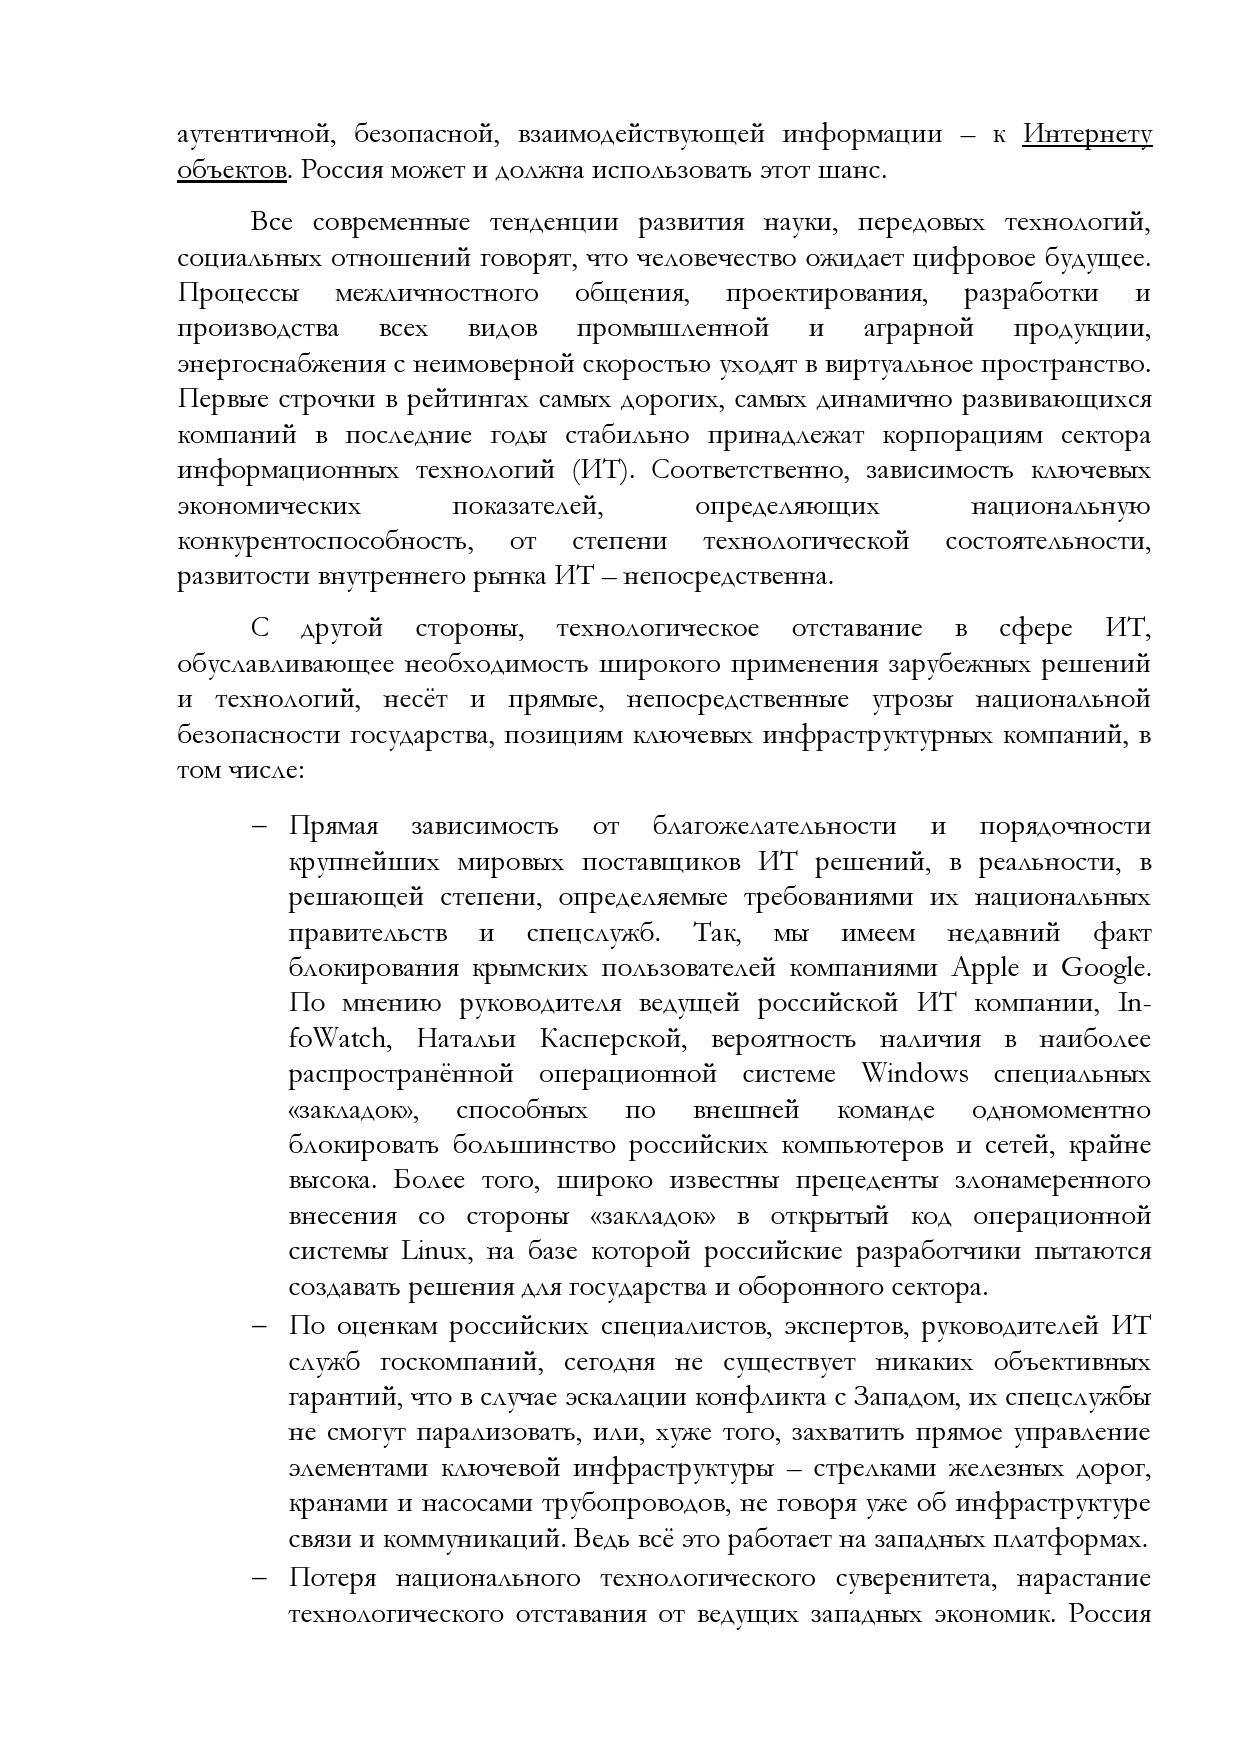 спр2.jpg